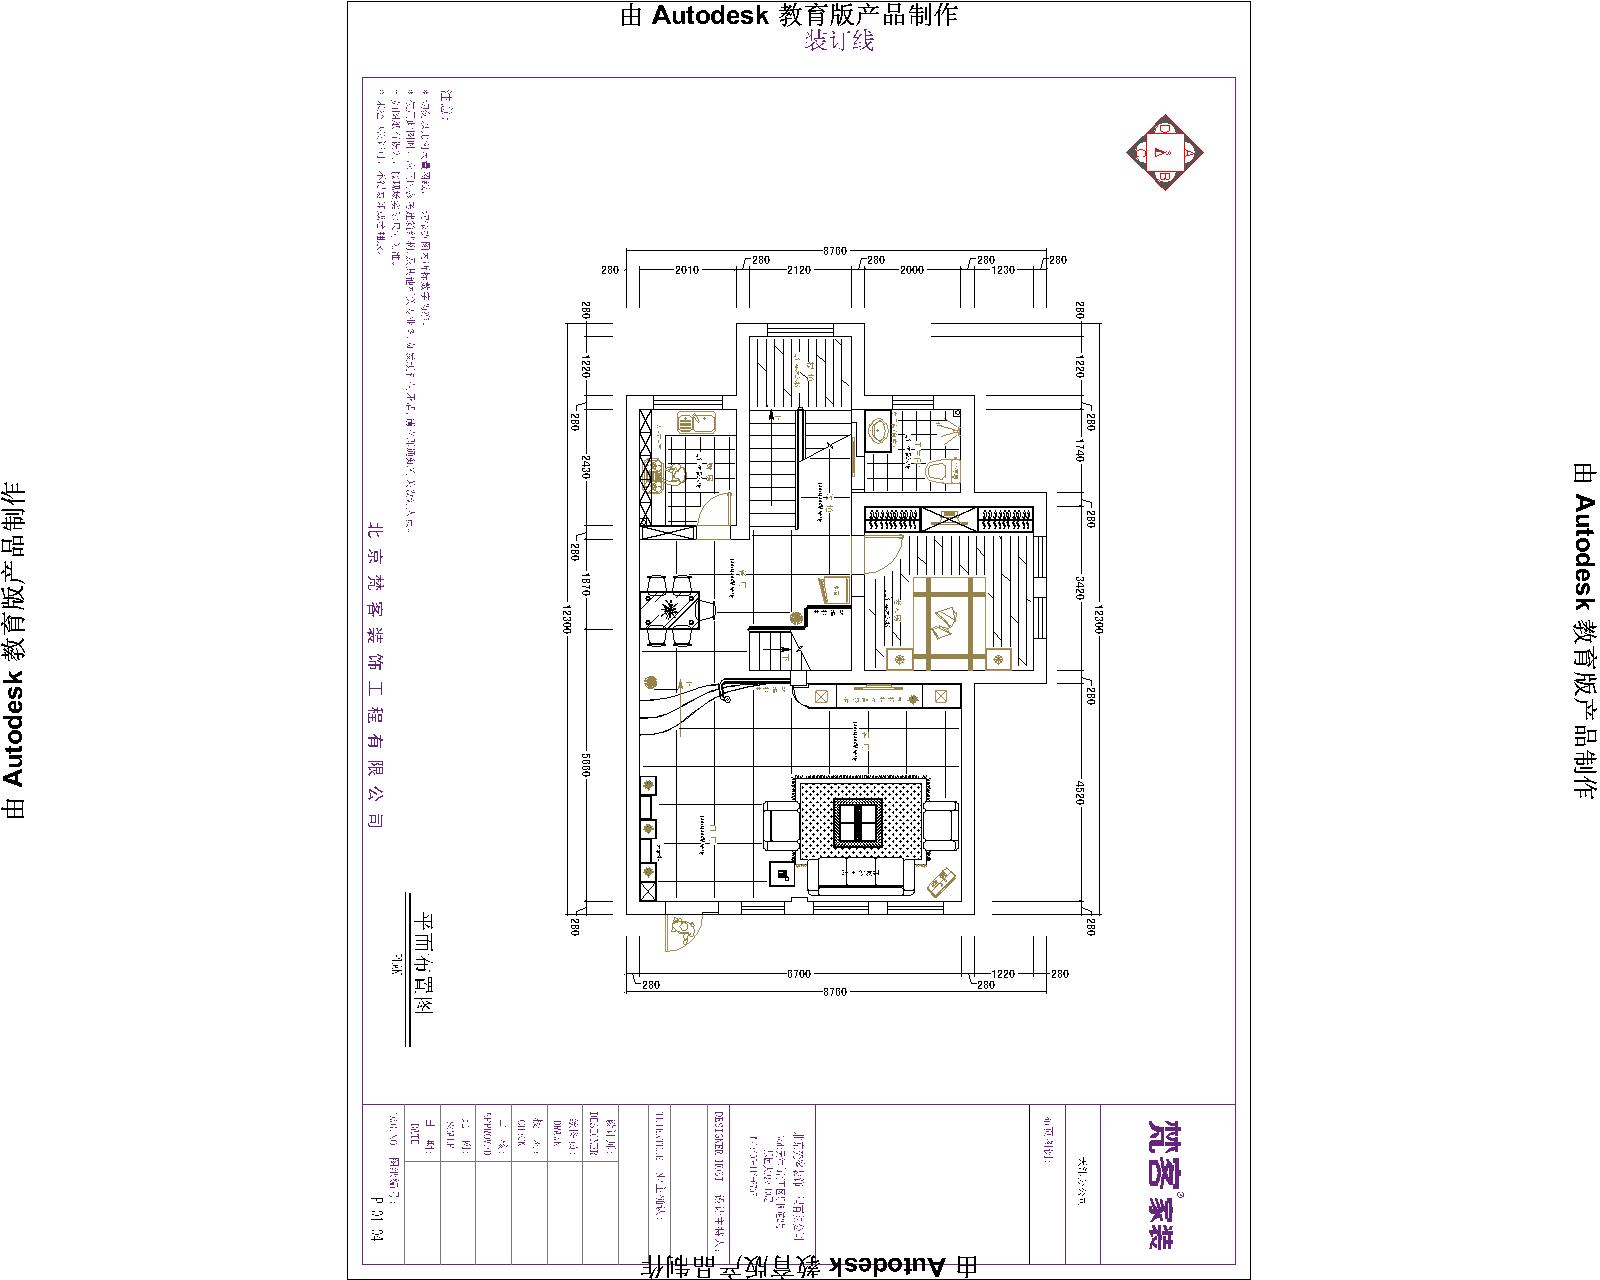 梵客家装 天津梵客 欧式 别墅 户型图图片来自天津梵客家装Q在梵客家装-碧湖苑263平米-欧式的分享